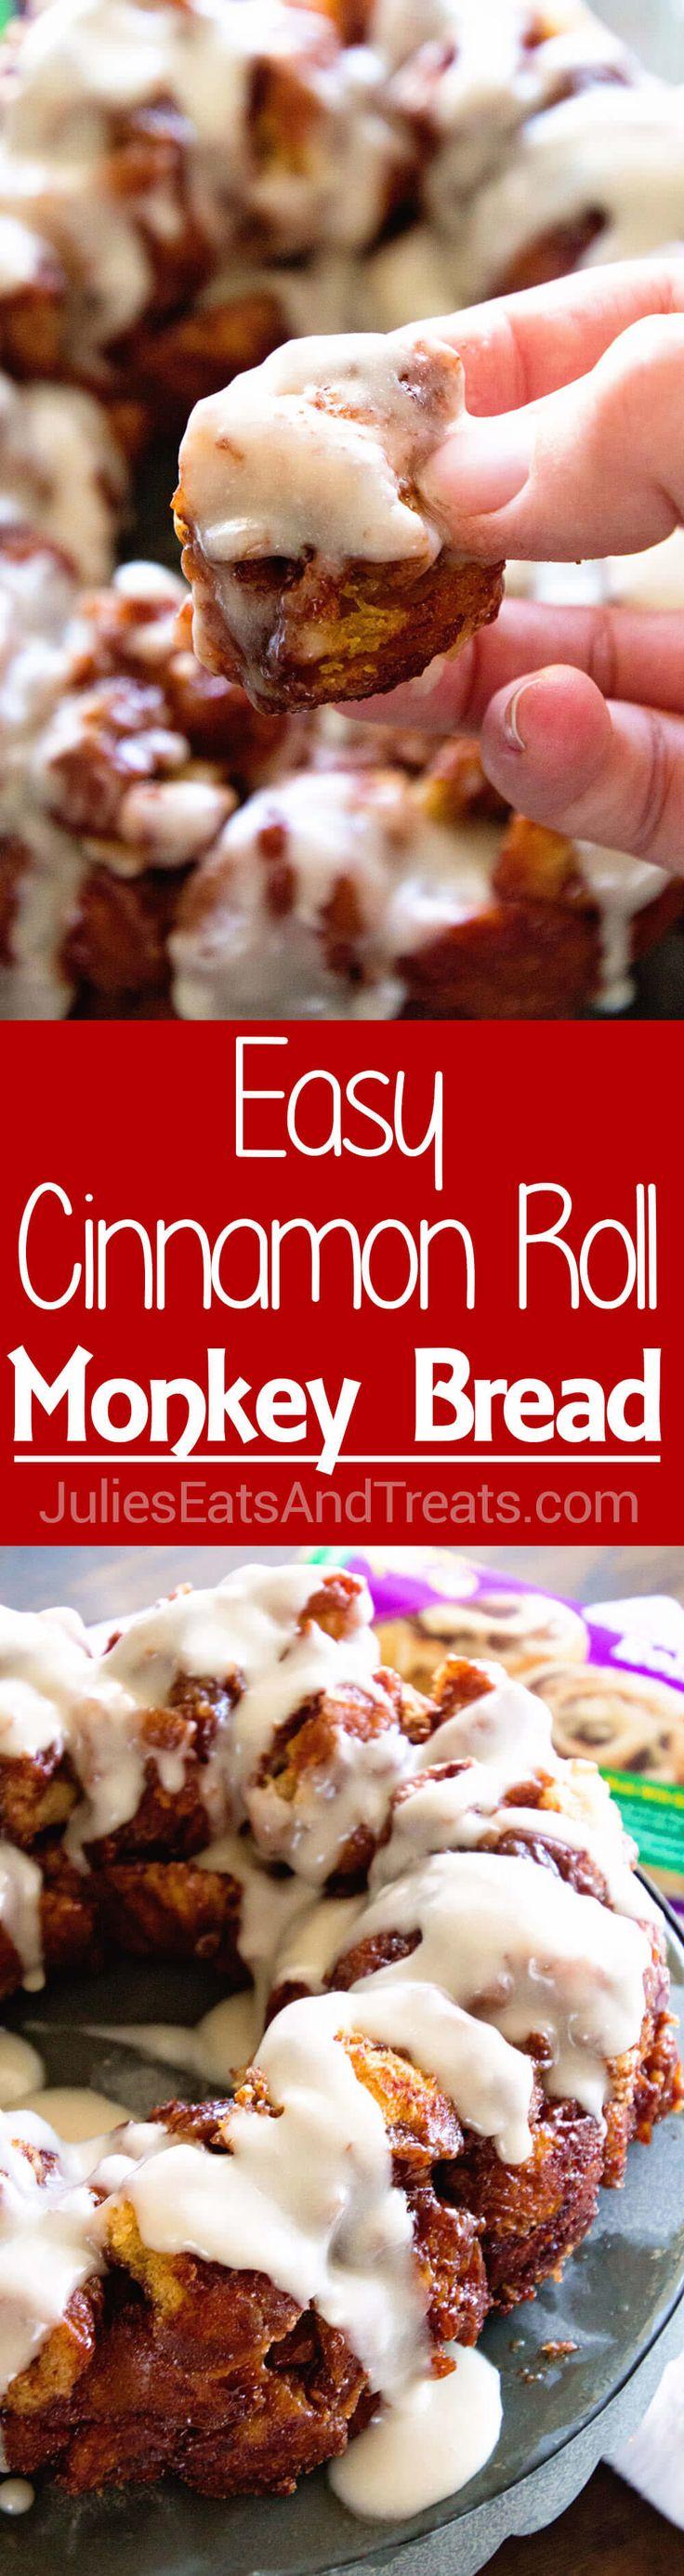 Easy Cinnamon Roll Monkey Bread ~ Quick and Easy Monkey Bread Made with Cinnamon Rolls and Icing! Perfect Easy Breakfast Treat! via @julieseats